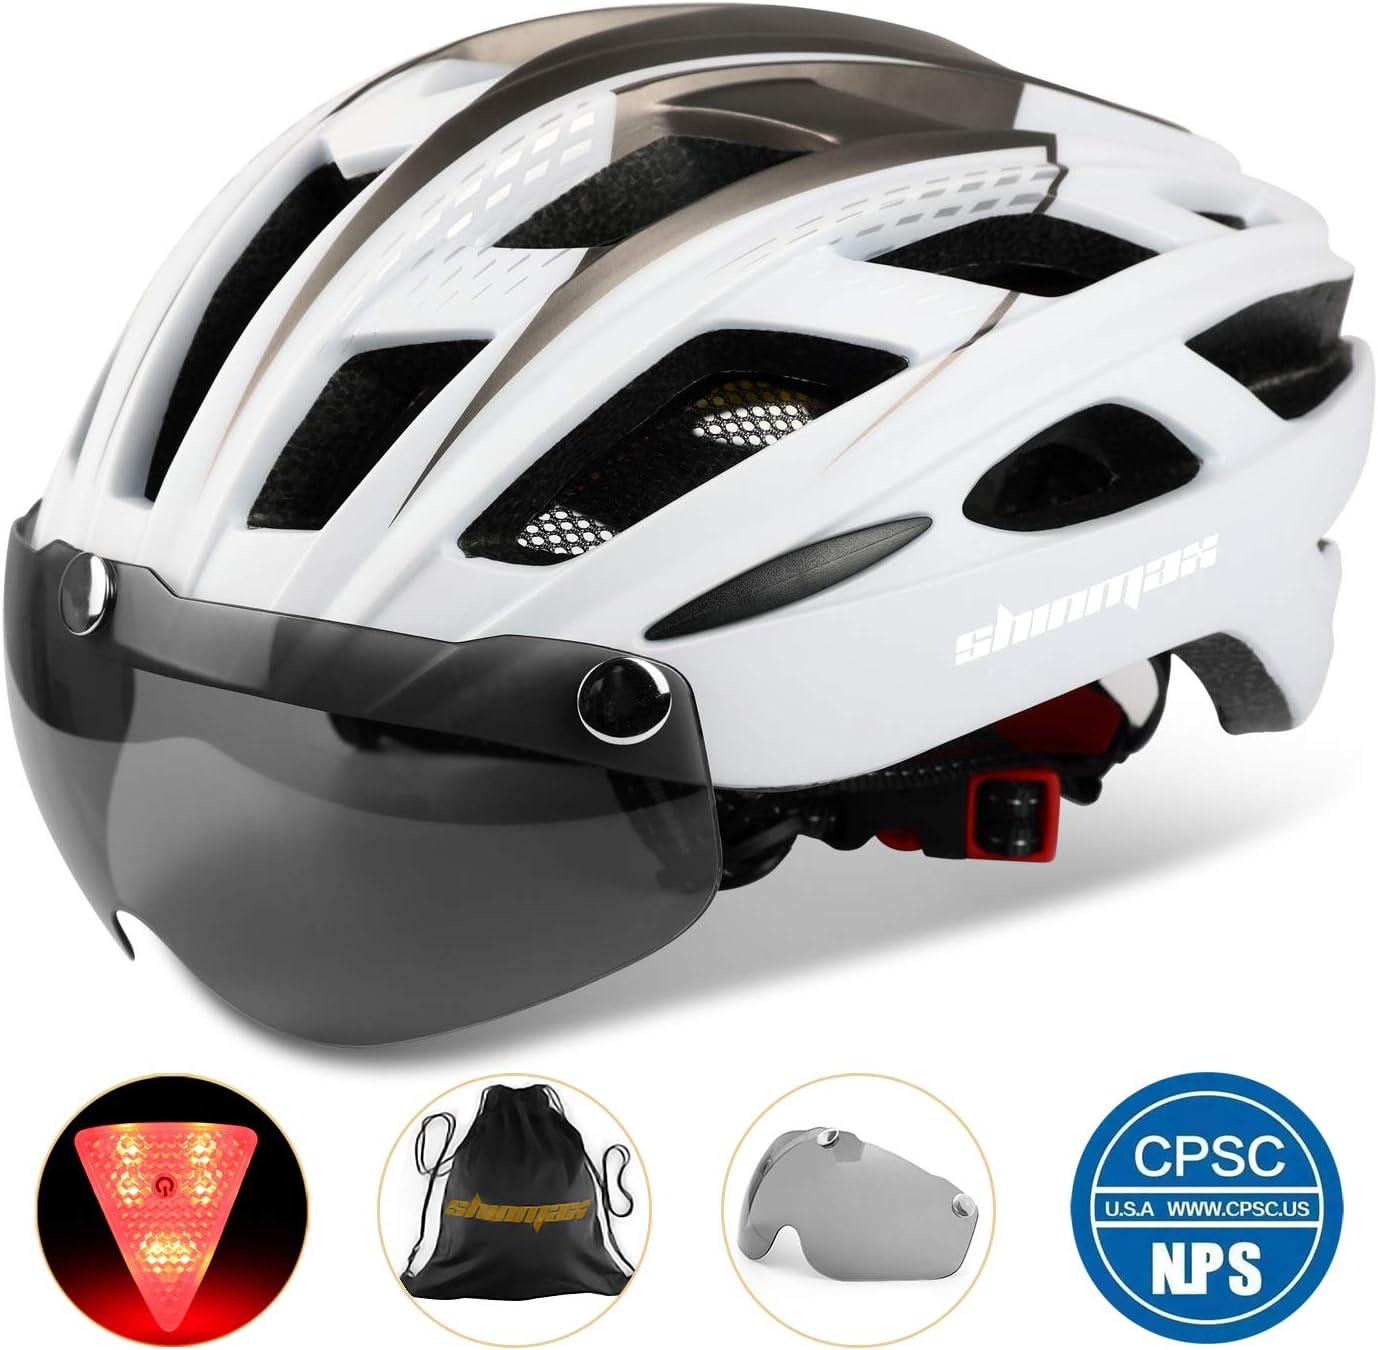 Shinmax Casco Bicicleta con luz, Certificación CE,con Visera Magnética Seguridad Ajustable Desmontable Deporte Gafas de Protección Ligera para Montar Ski & Snowboard Unisex Cascos Bici Adultos NR-